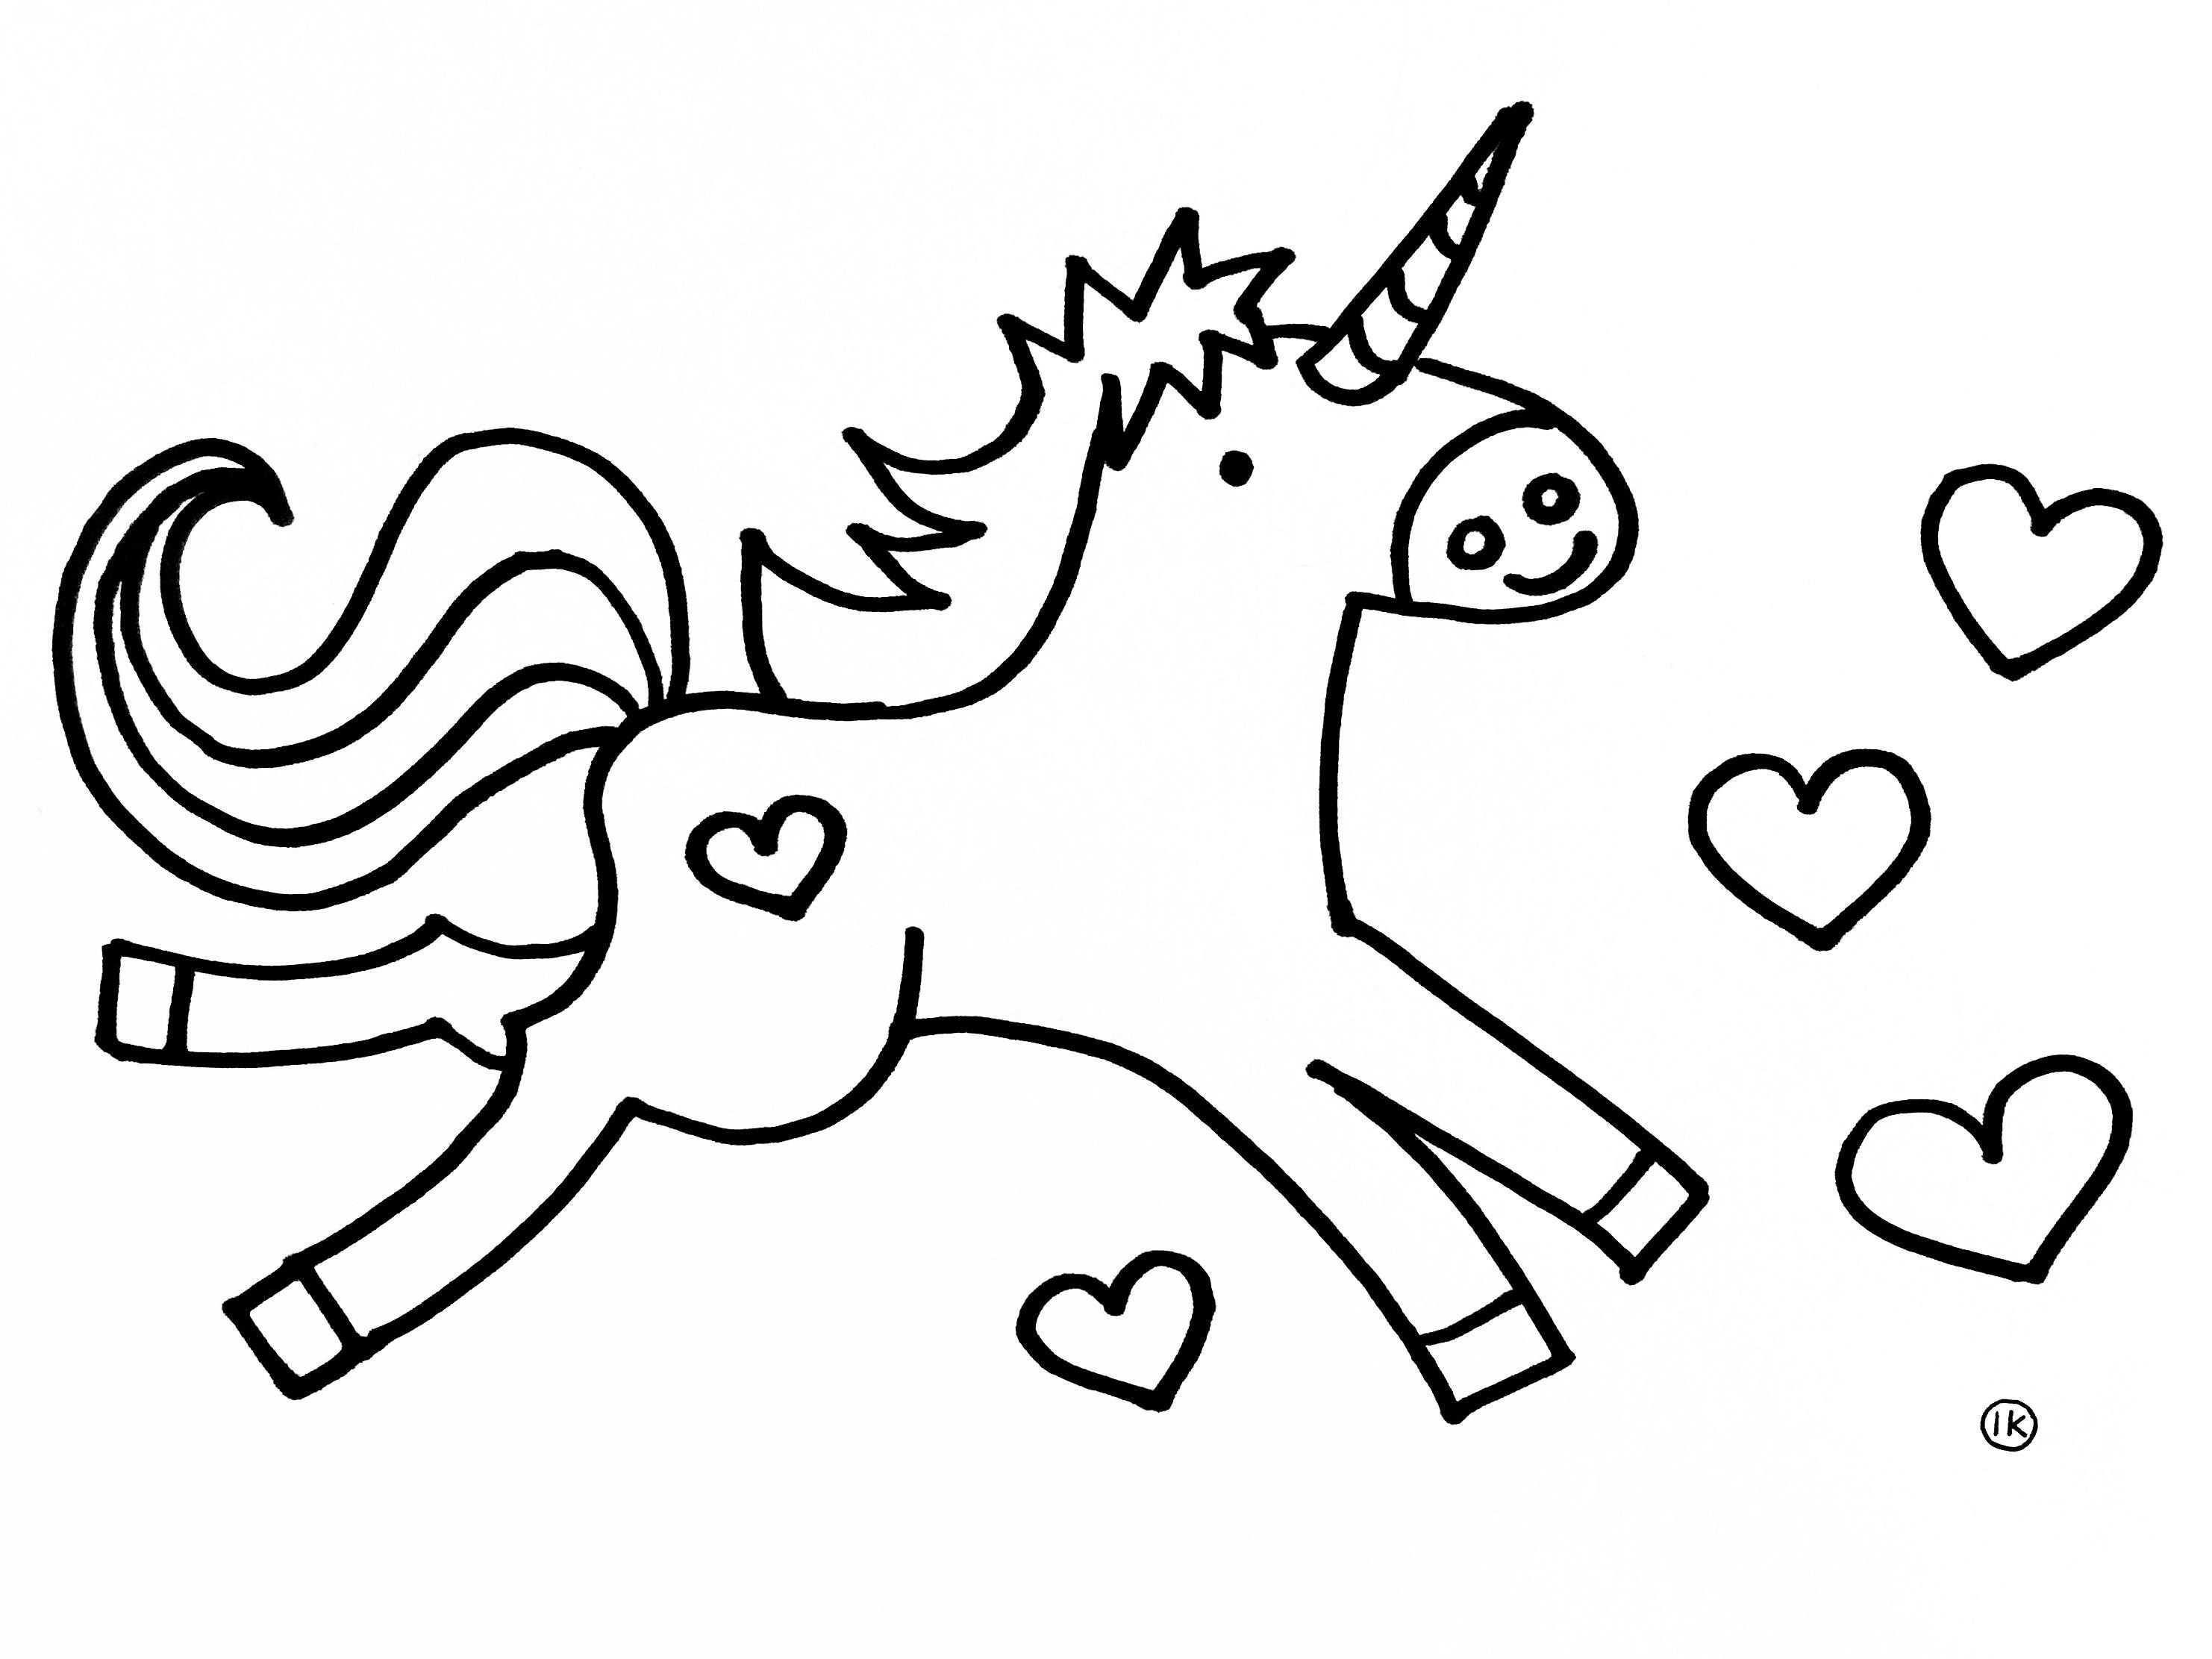 Eenhoorn Unicorns Kleurplaten Kleurplaat Kleurplaten Tekeningen Kids Unicorns Eenhoorns Kleurplaten Kleurplaa Kleurplaten Gratis Kleurplaten Eenhoorn